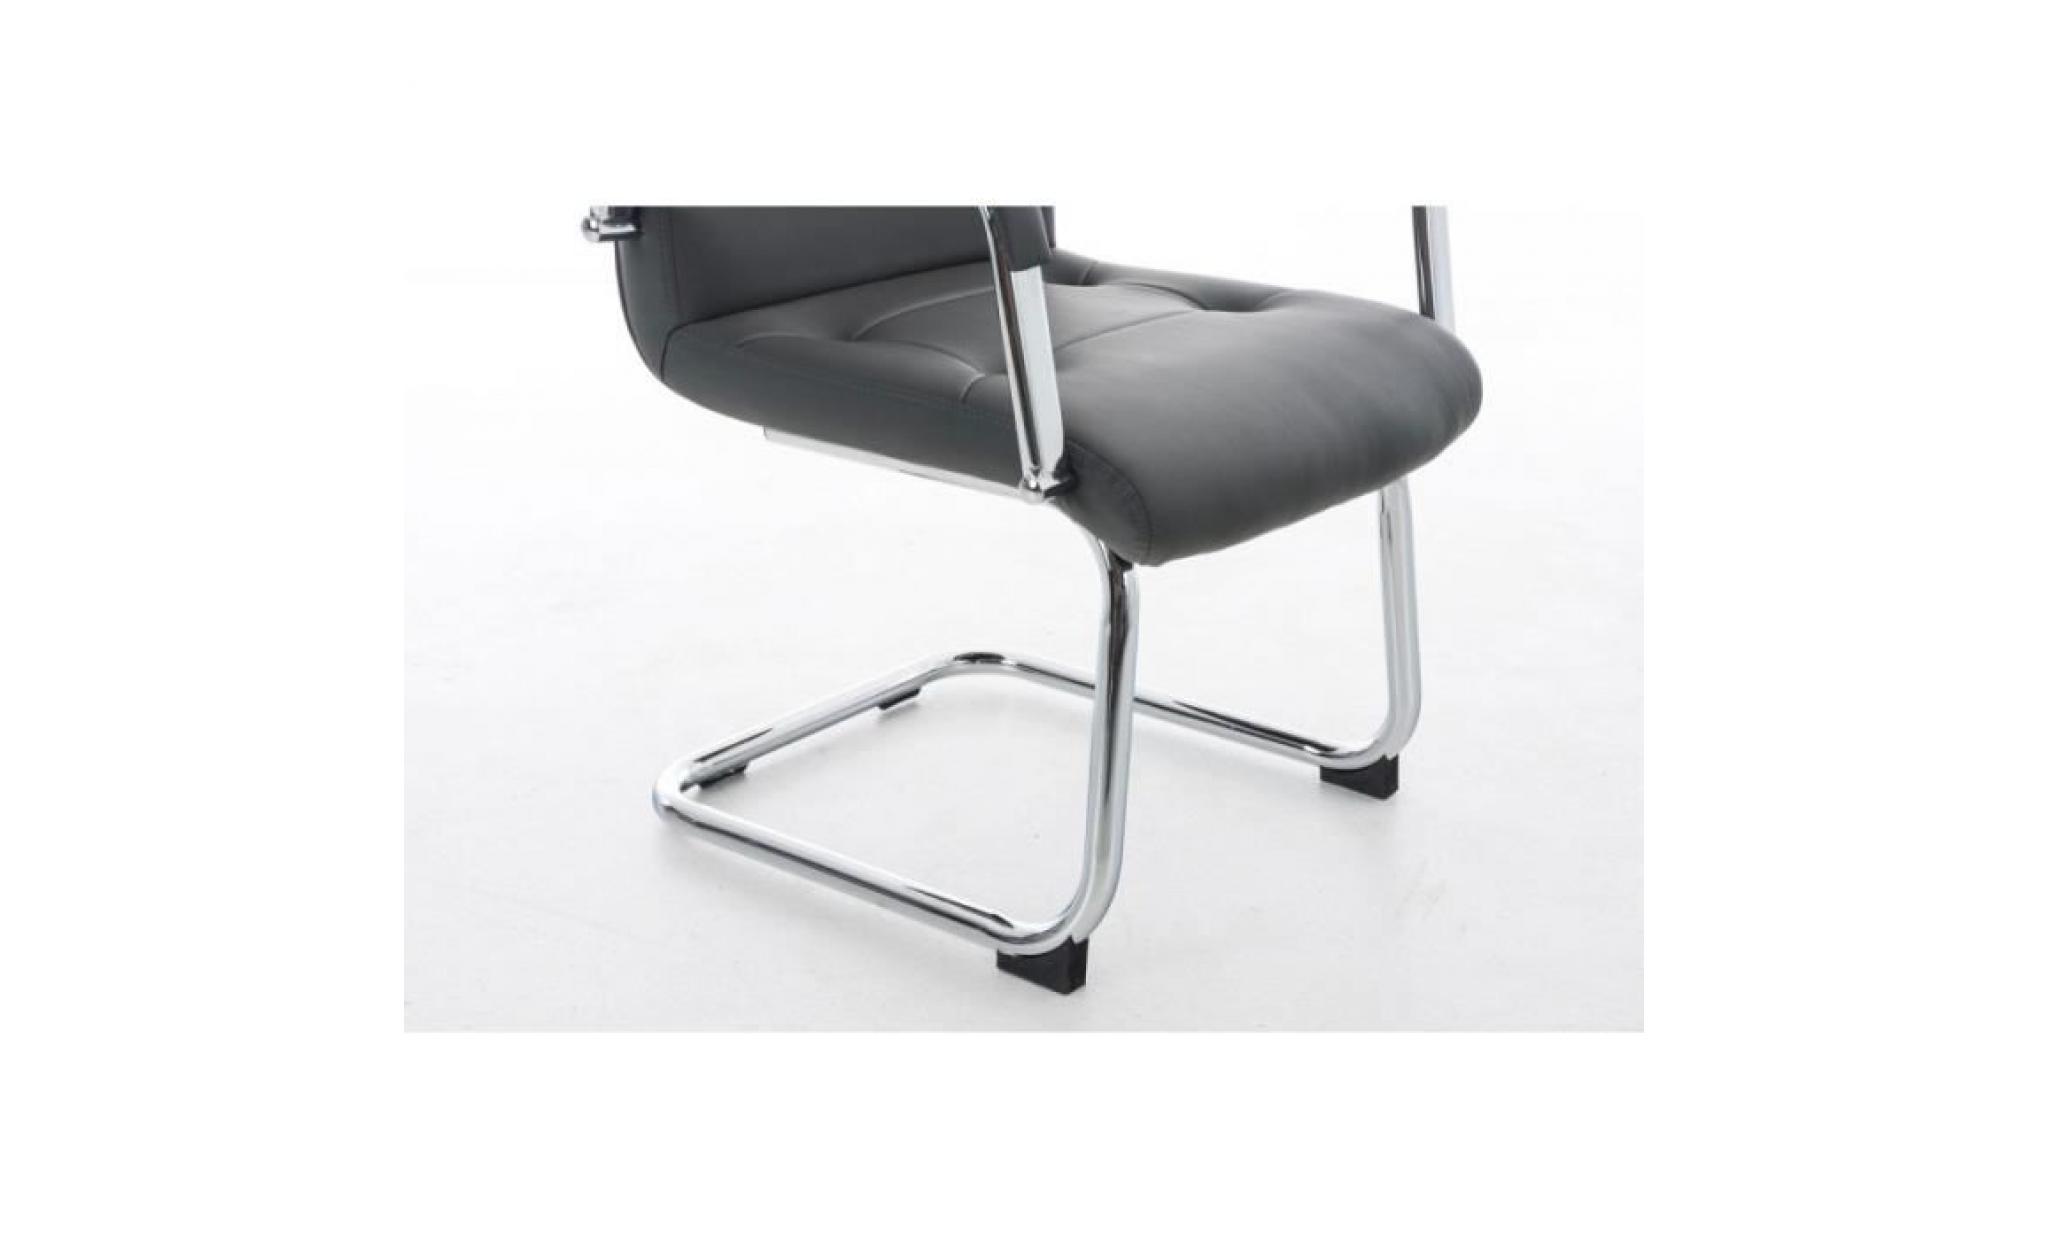 fauteuil chaise de bureau ergonomique sans roulette en pu crème bur7